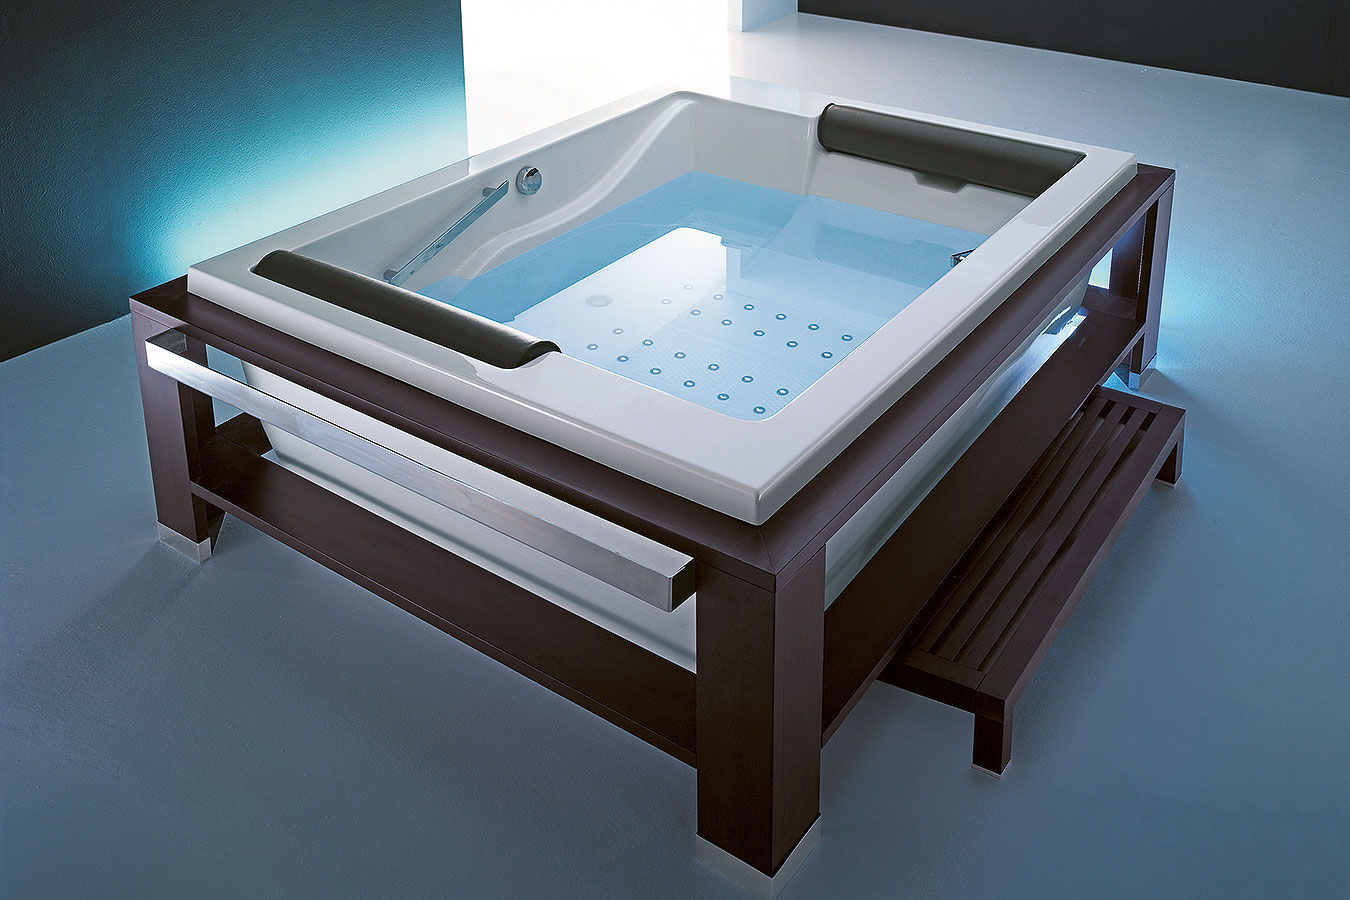 Vasca Da Bagno Doppia Misure : Vasca da bagno su piedi in legno in acrilico doppia bis one